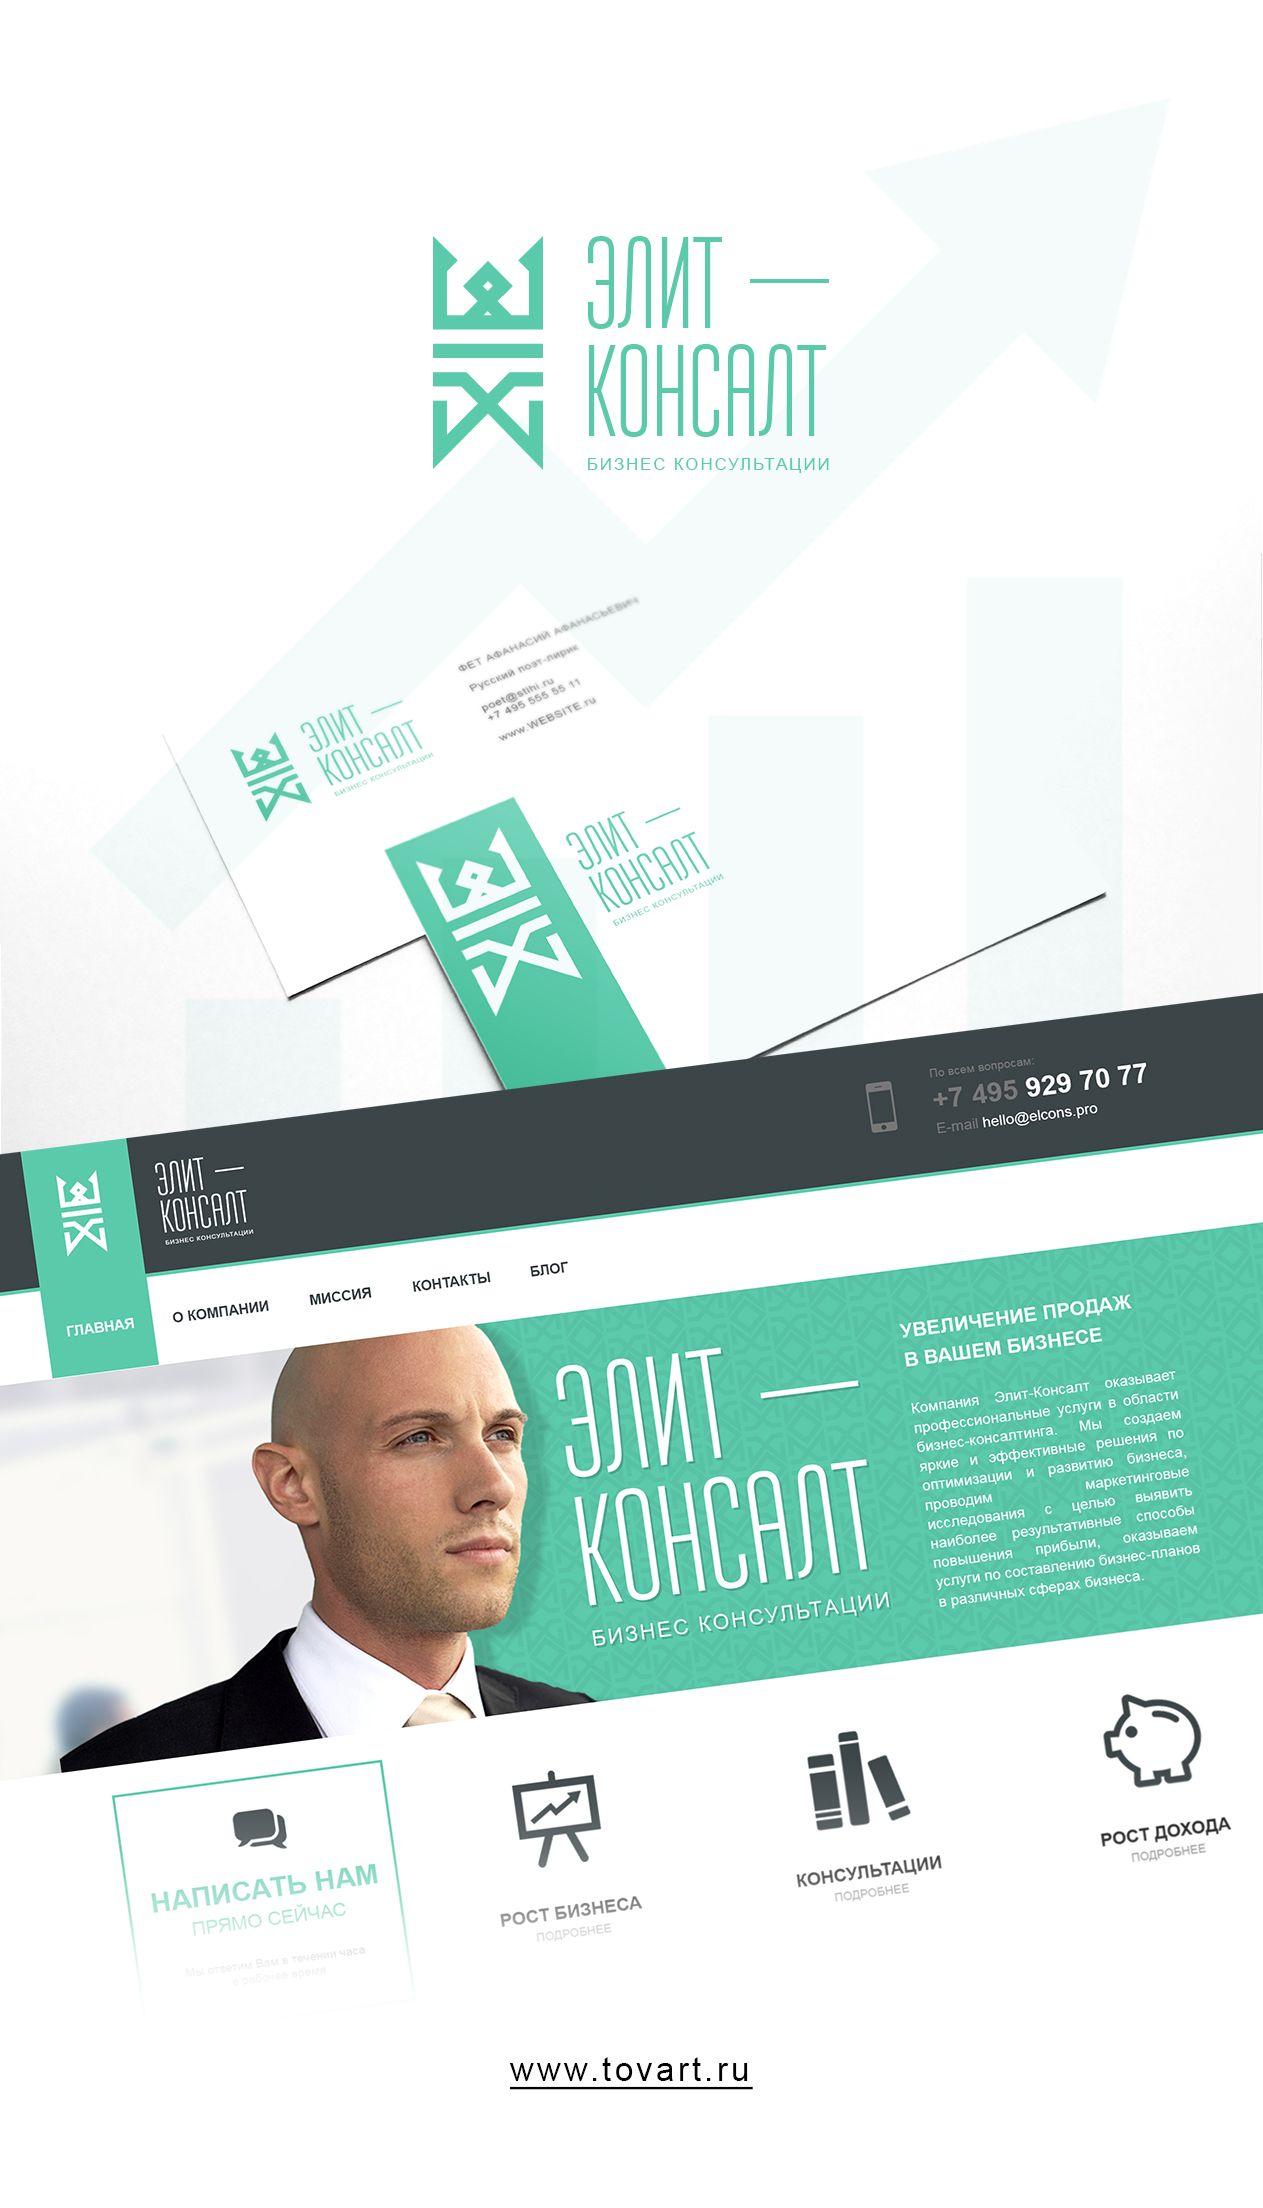 Логотип консалт-компании. Ждем еще предложения! - дизайнер slavikx3m